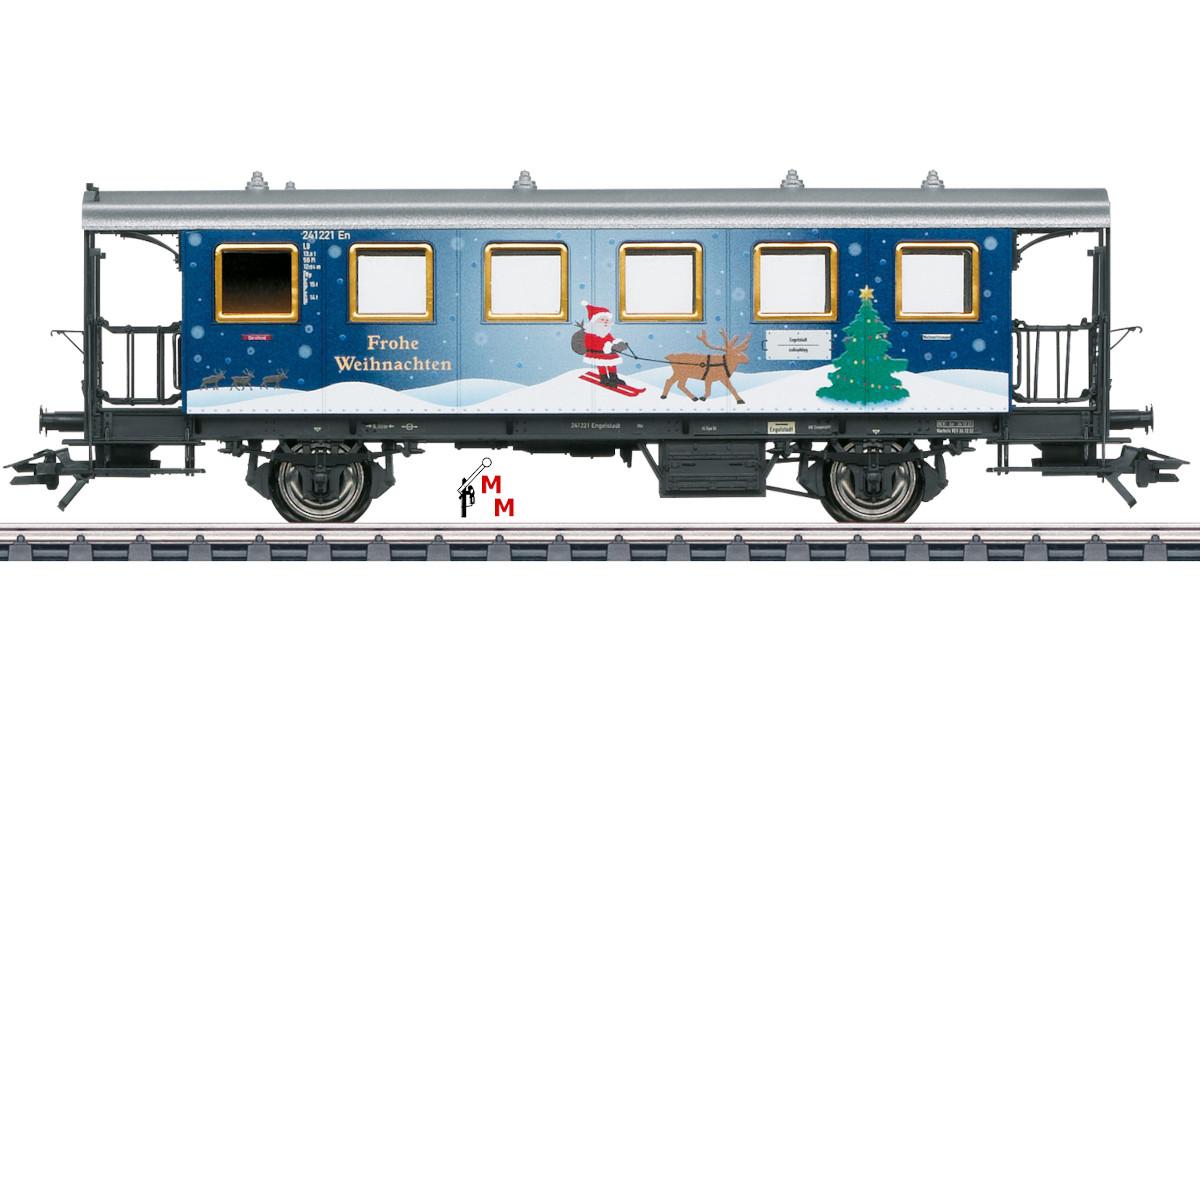 (Neu) Märklin 48421 Weihnachtswagen H0 2021,